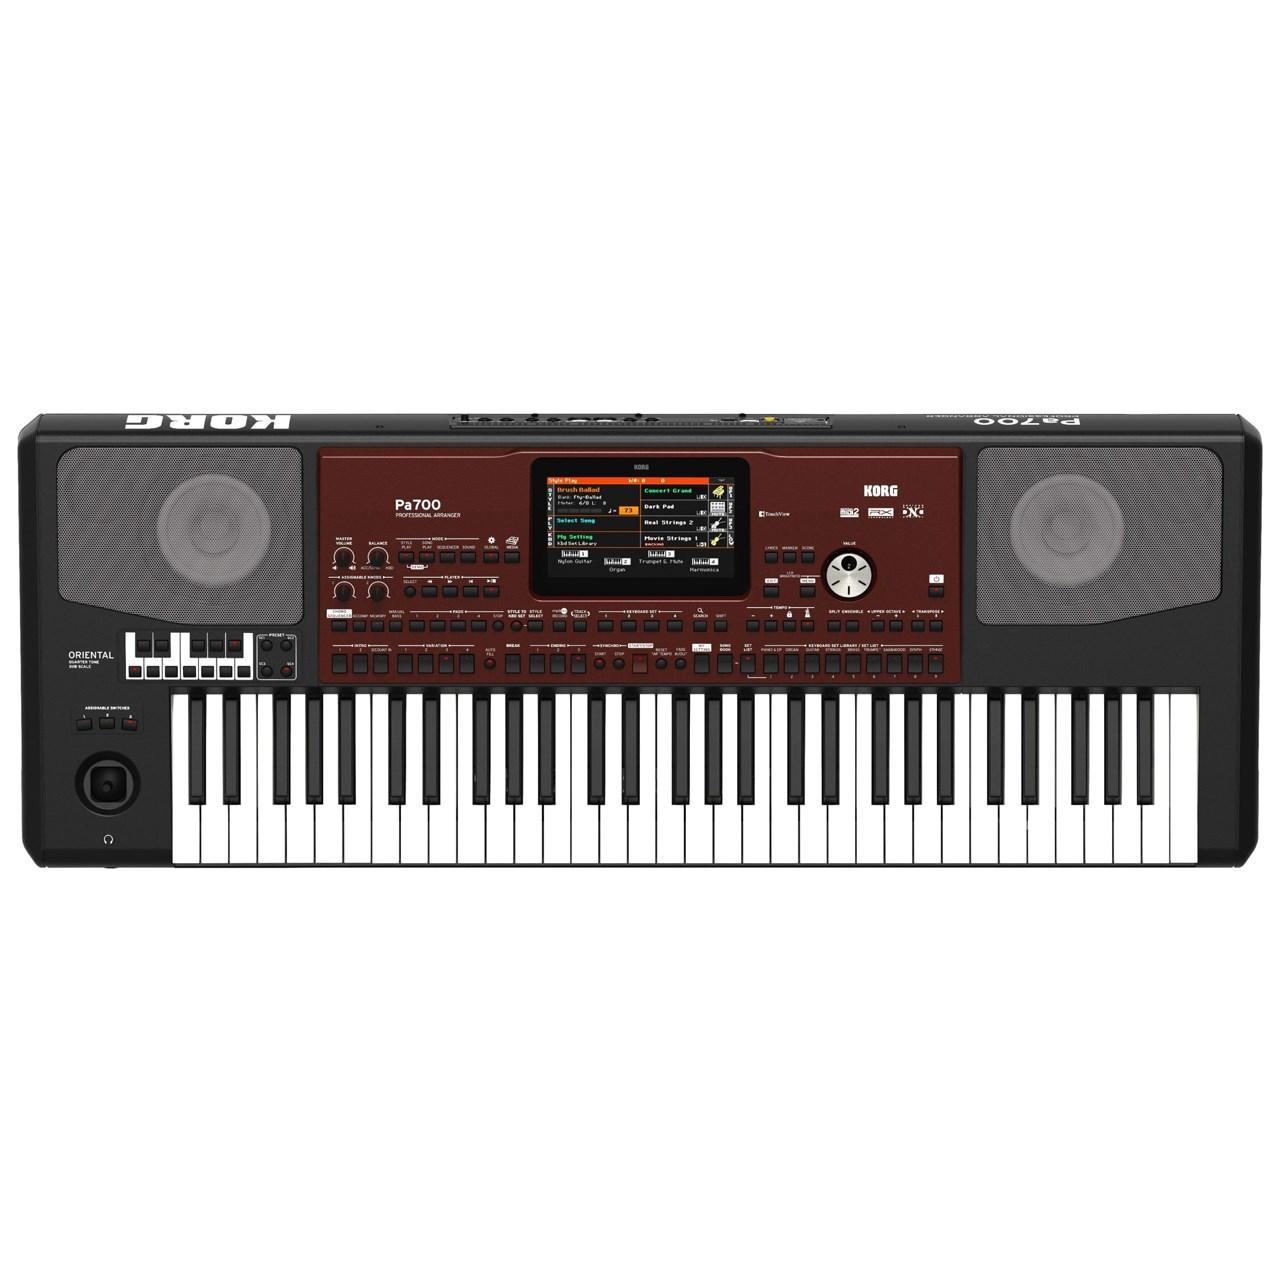 کیبورد کرگ مدل Pa-700 Oriental | Korg Pa-700 Oriental Arranger Keyboard